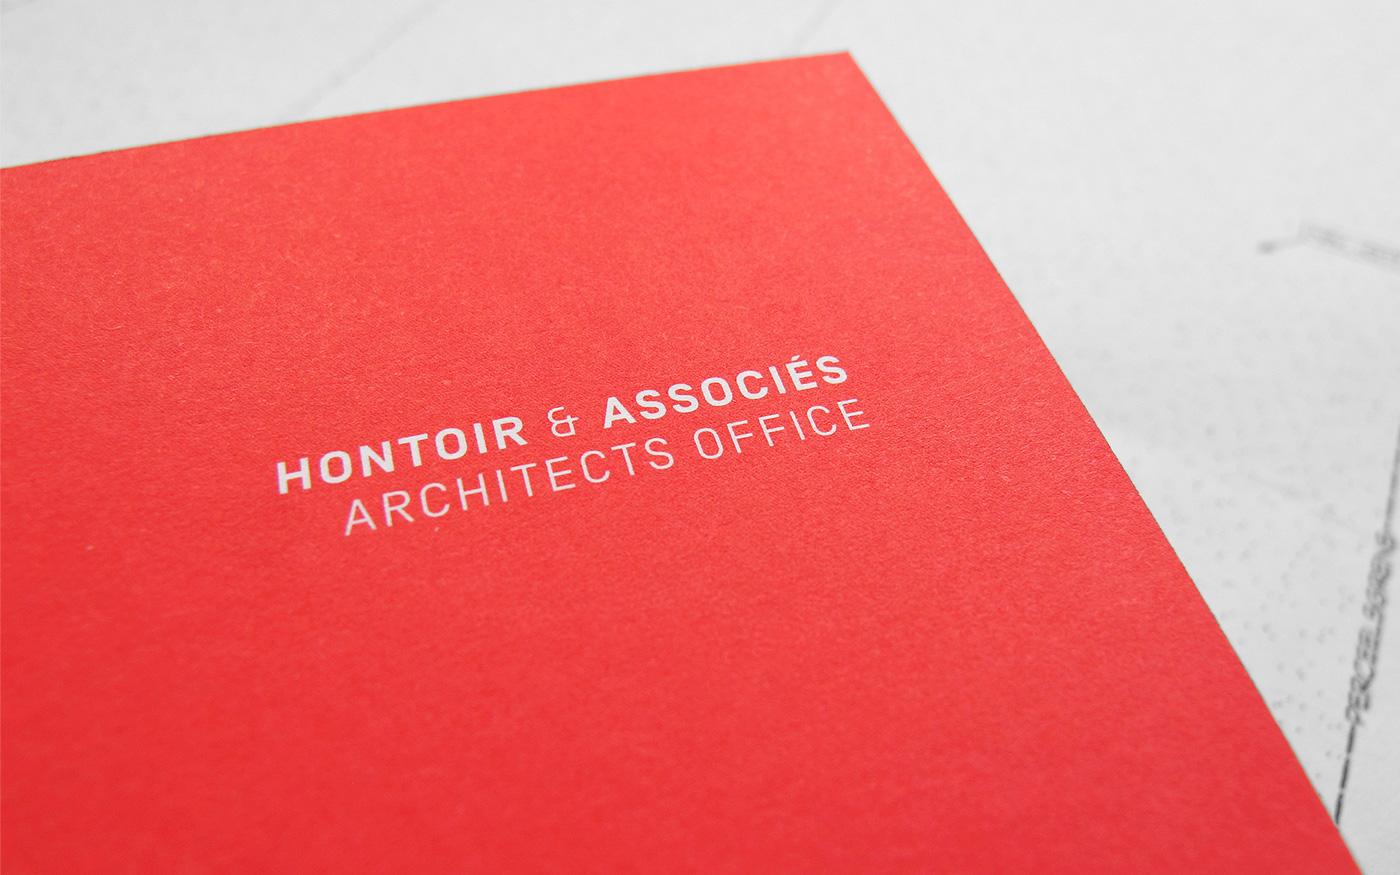 logo envelope stationary Rubber Stamps Corporate Identity corporate architects Office Business Cards identité graphique cartes de visite entête Cachet architectes